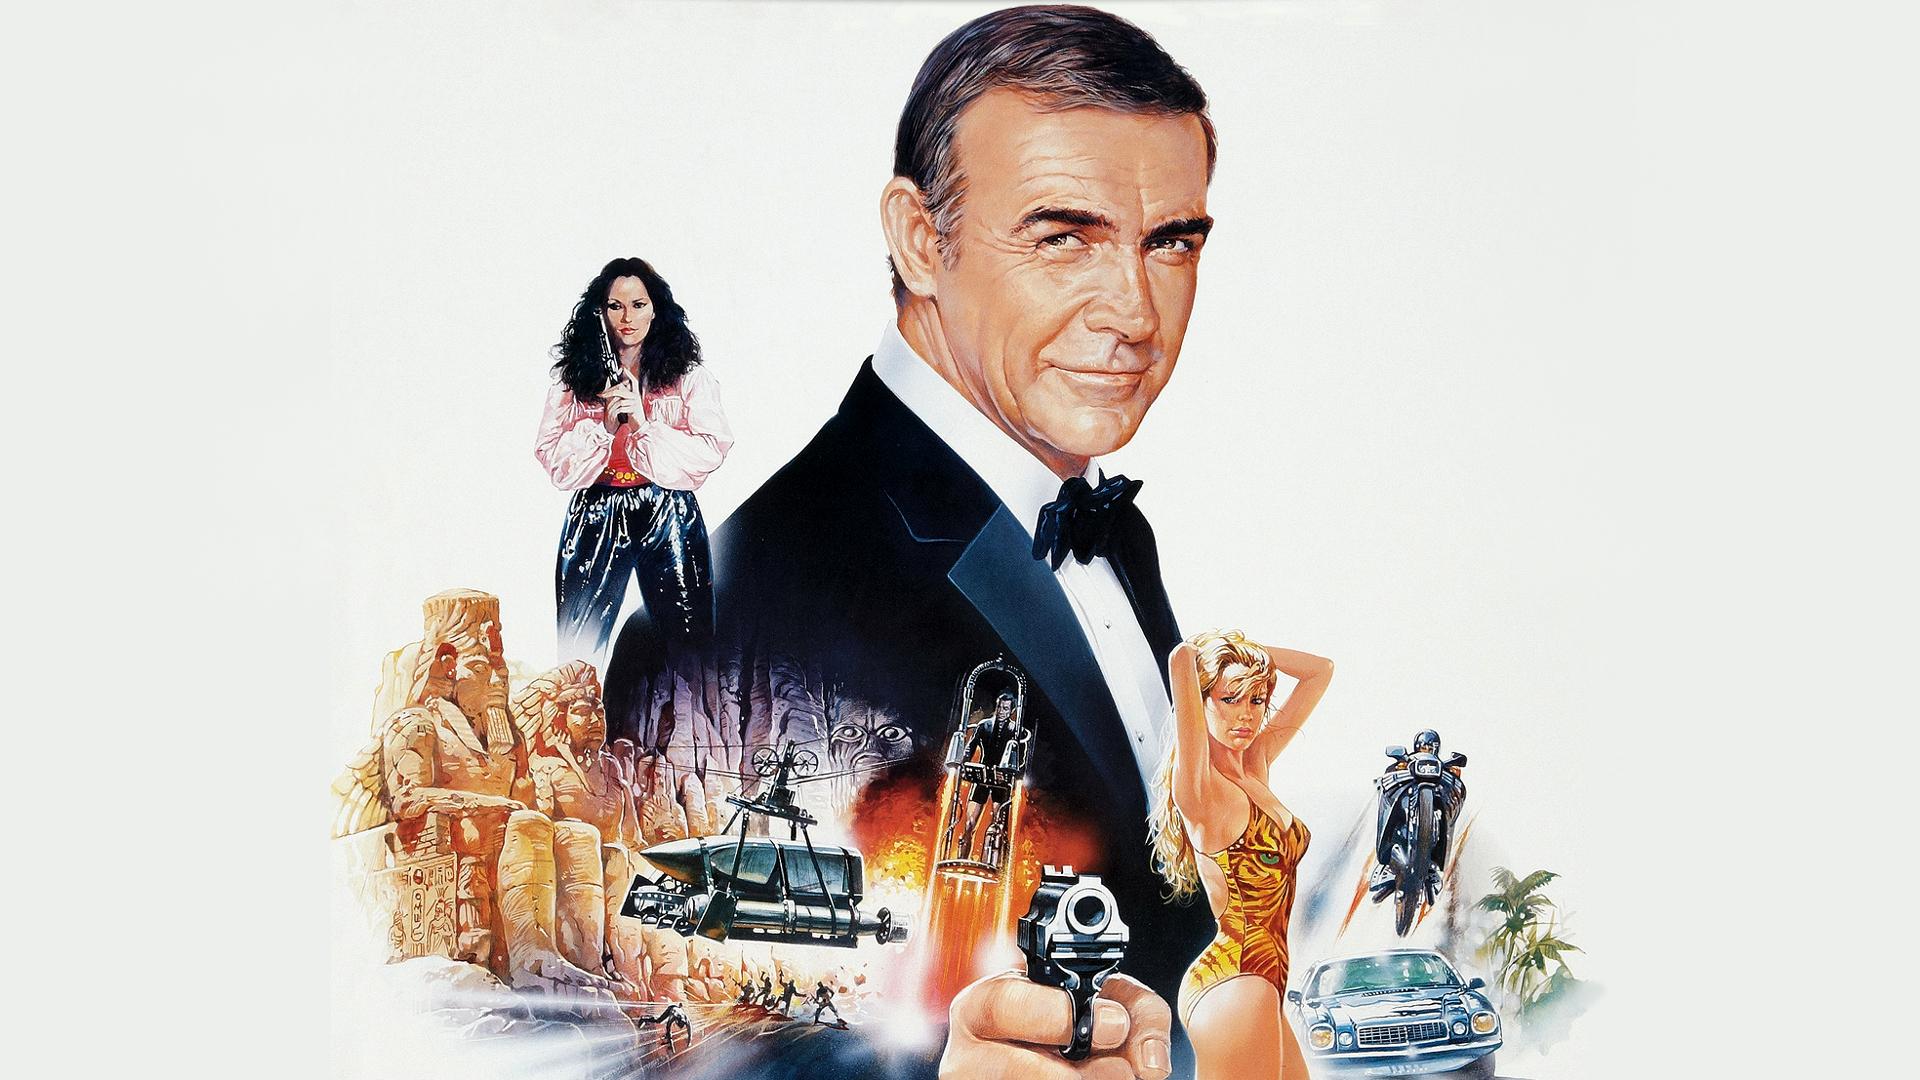 как прикольные картинки 007 наименованию, открывается